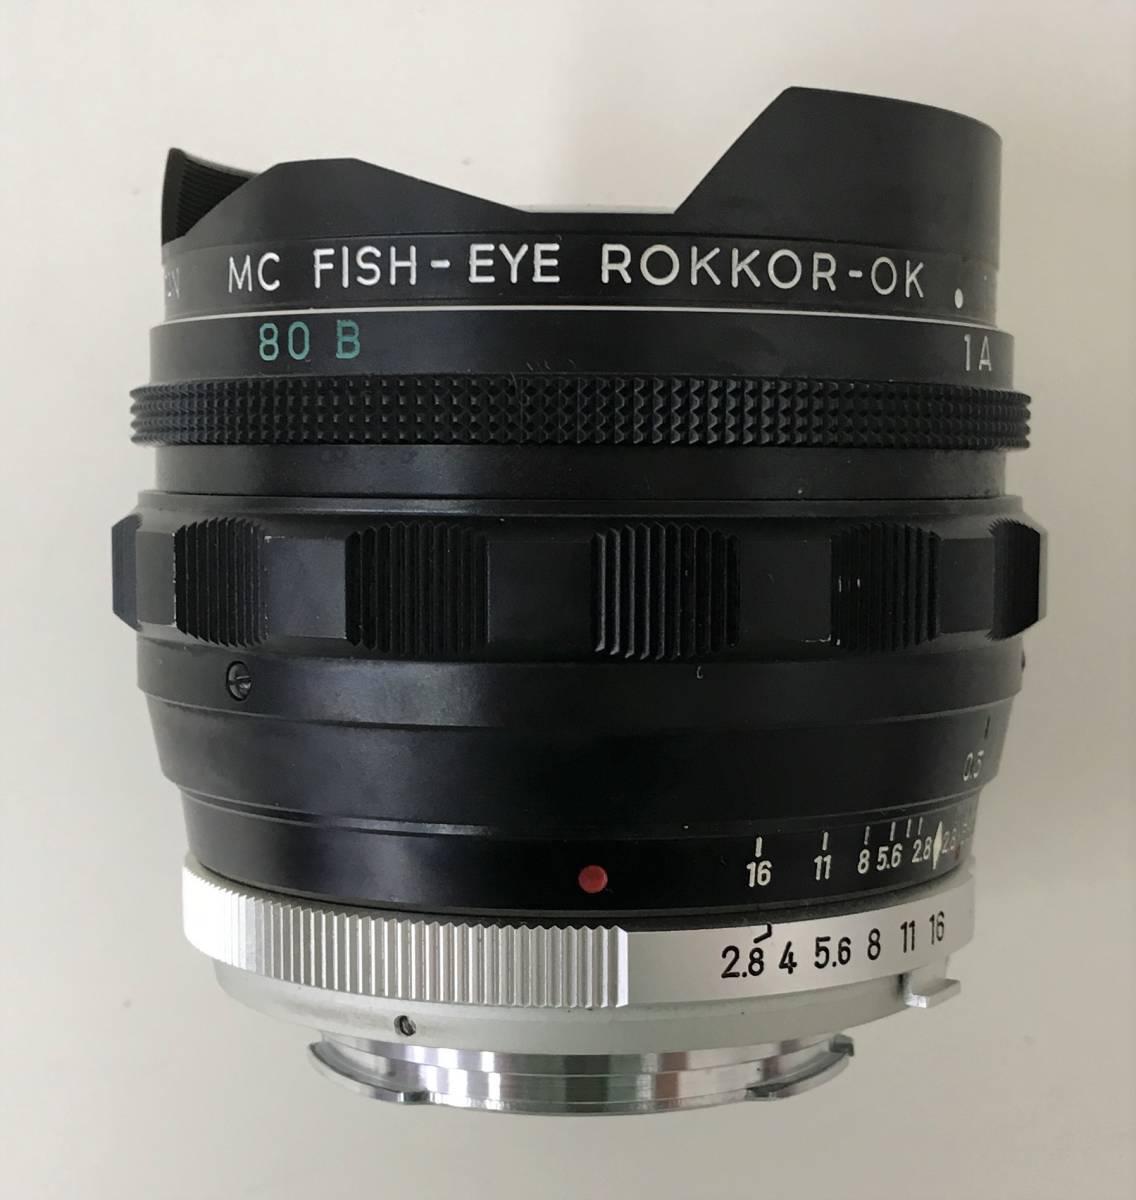 【ミノルタ 魚眼レンズ 1:2.8 F=!6mm】MINOLTA/MC FISH-EYE ROKKOR-OK(1502212)/ケース・キャップ付/A5830_画像3